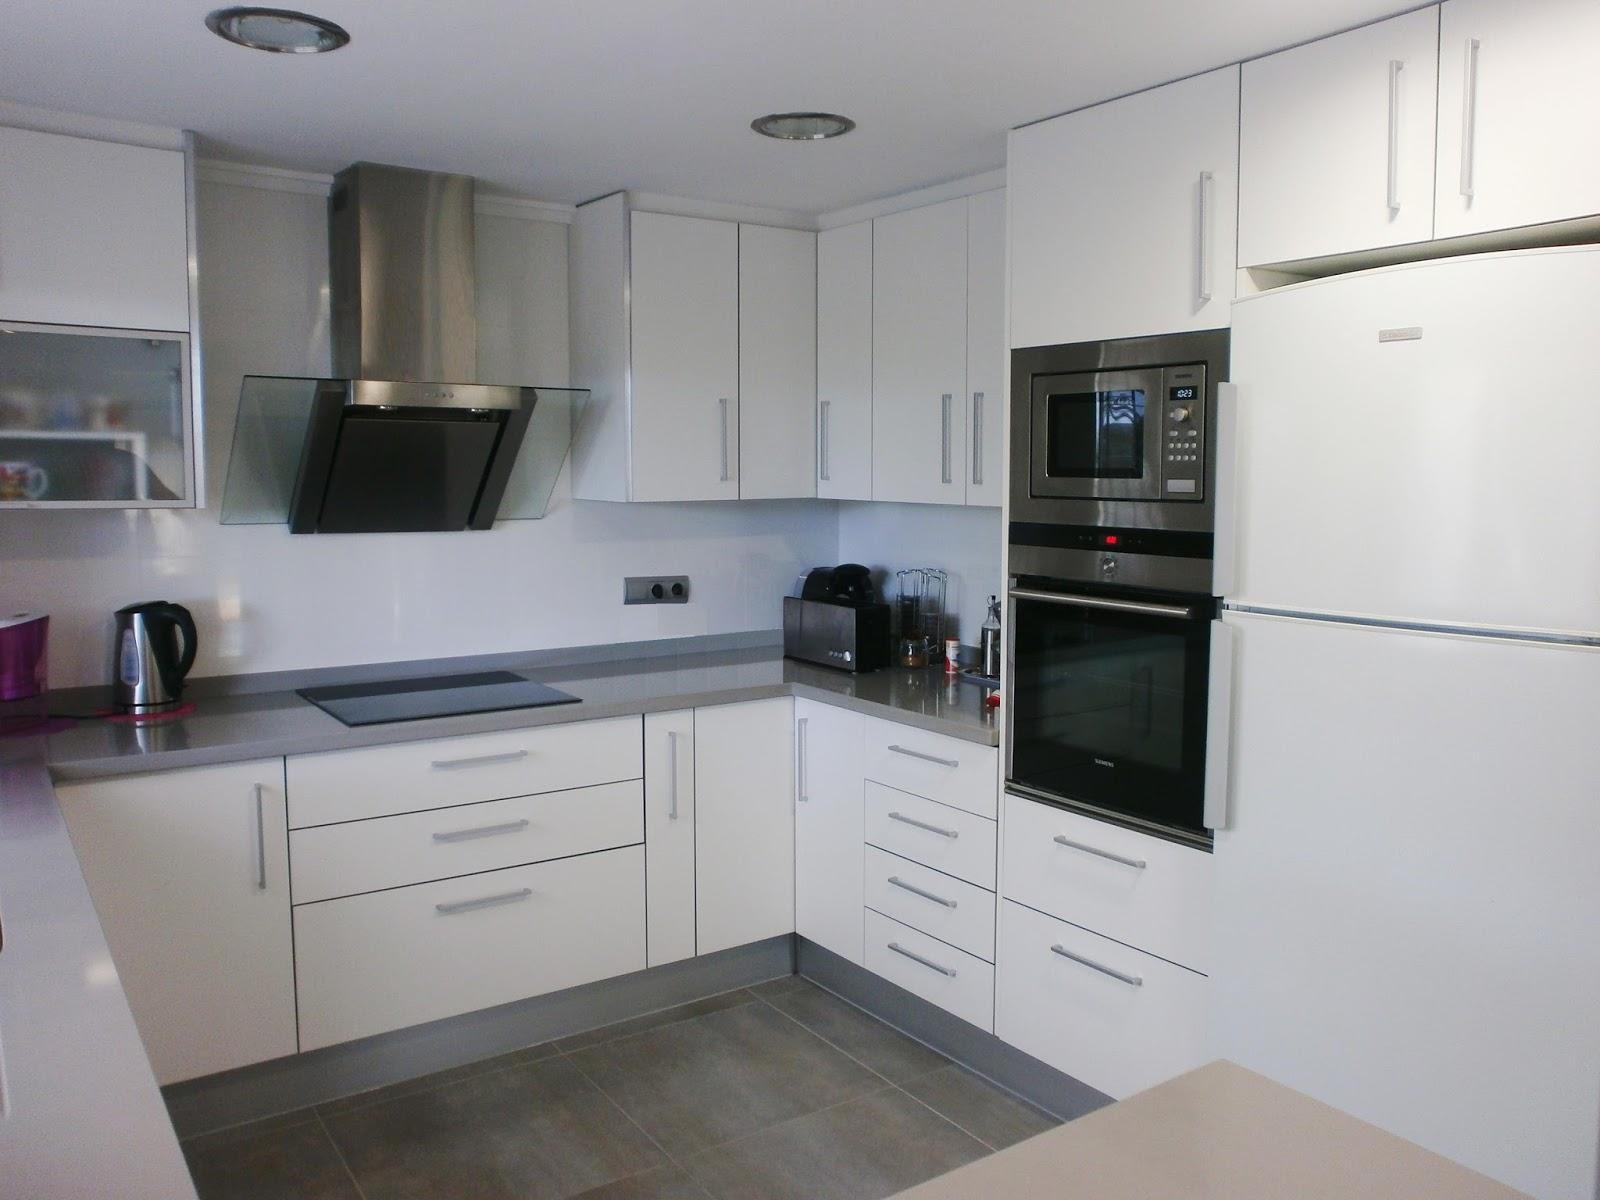 La reforma de la cocina un proyecto que debe ser personal - Cocinas con electrodomesticos blancos ...